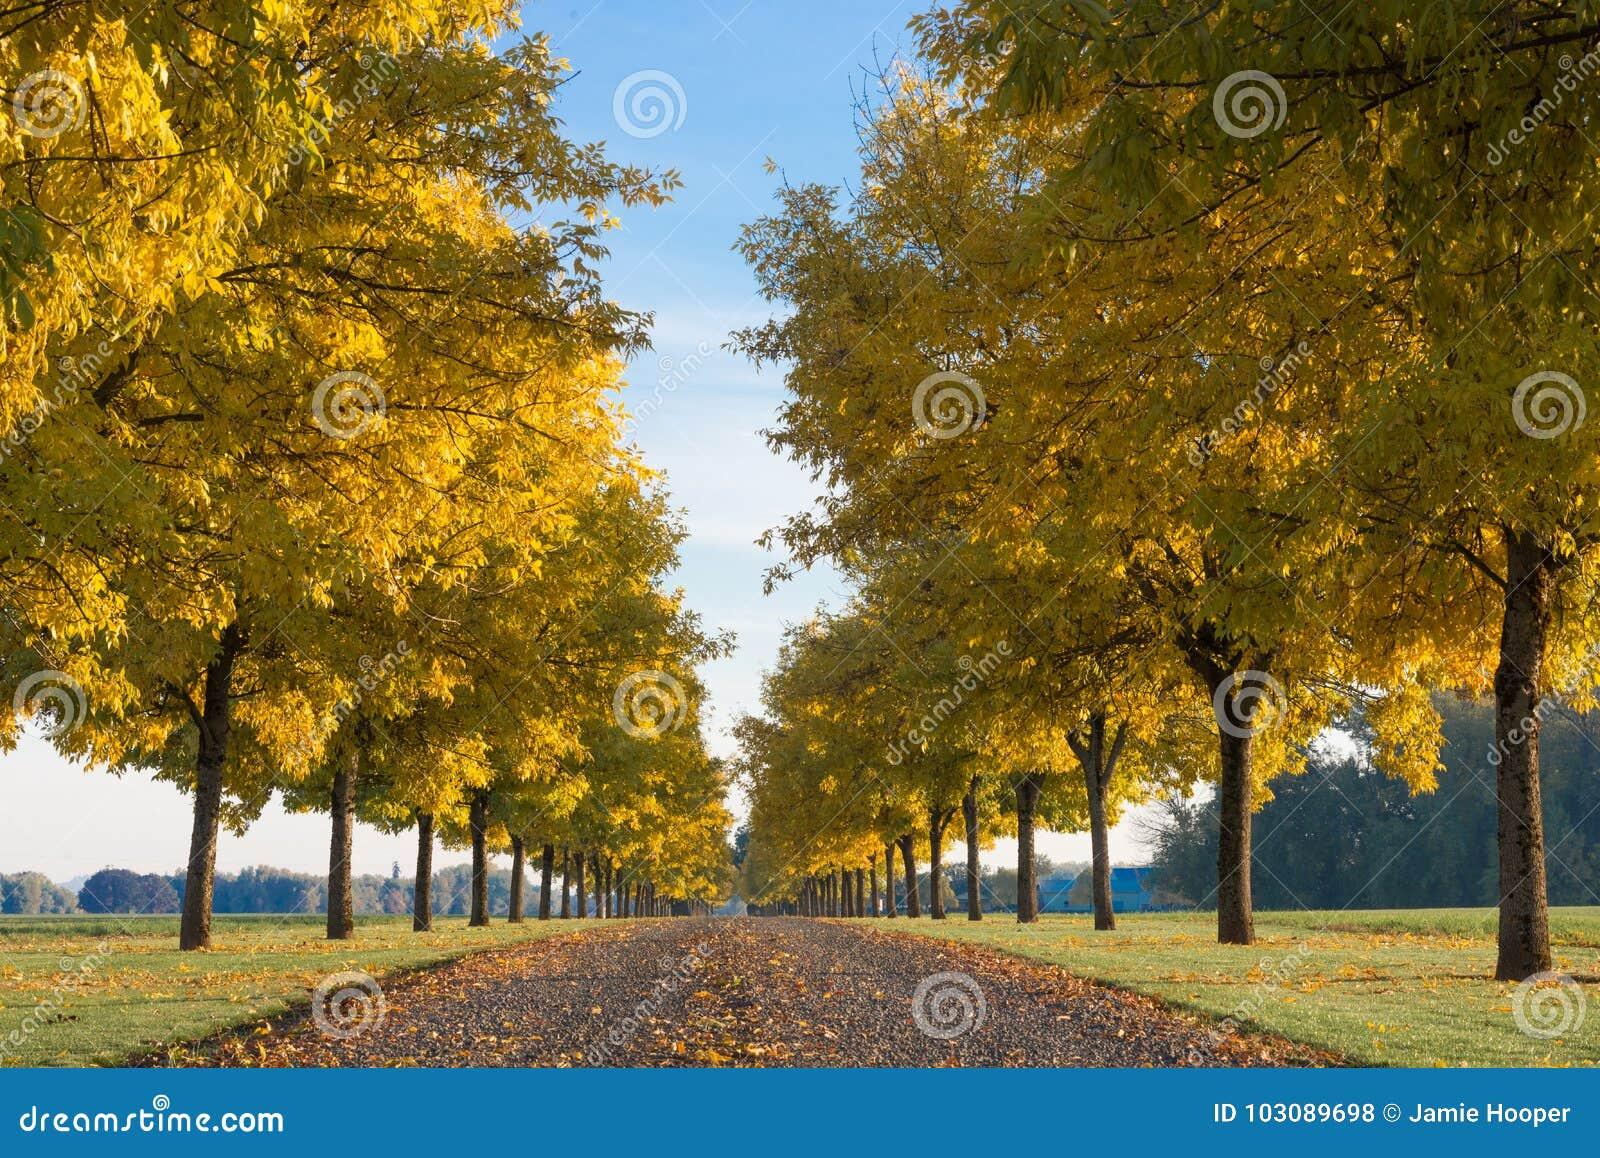 Autumn Sentinals